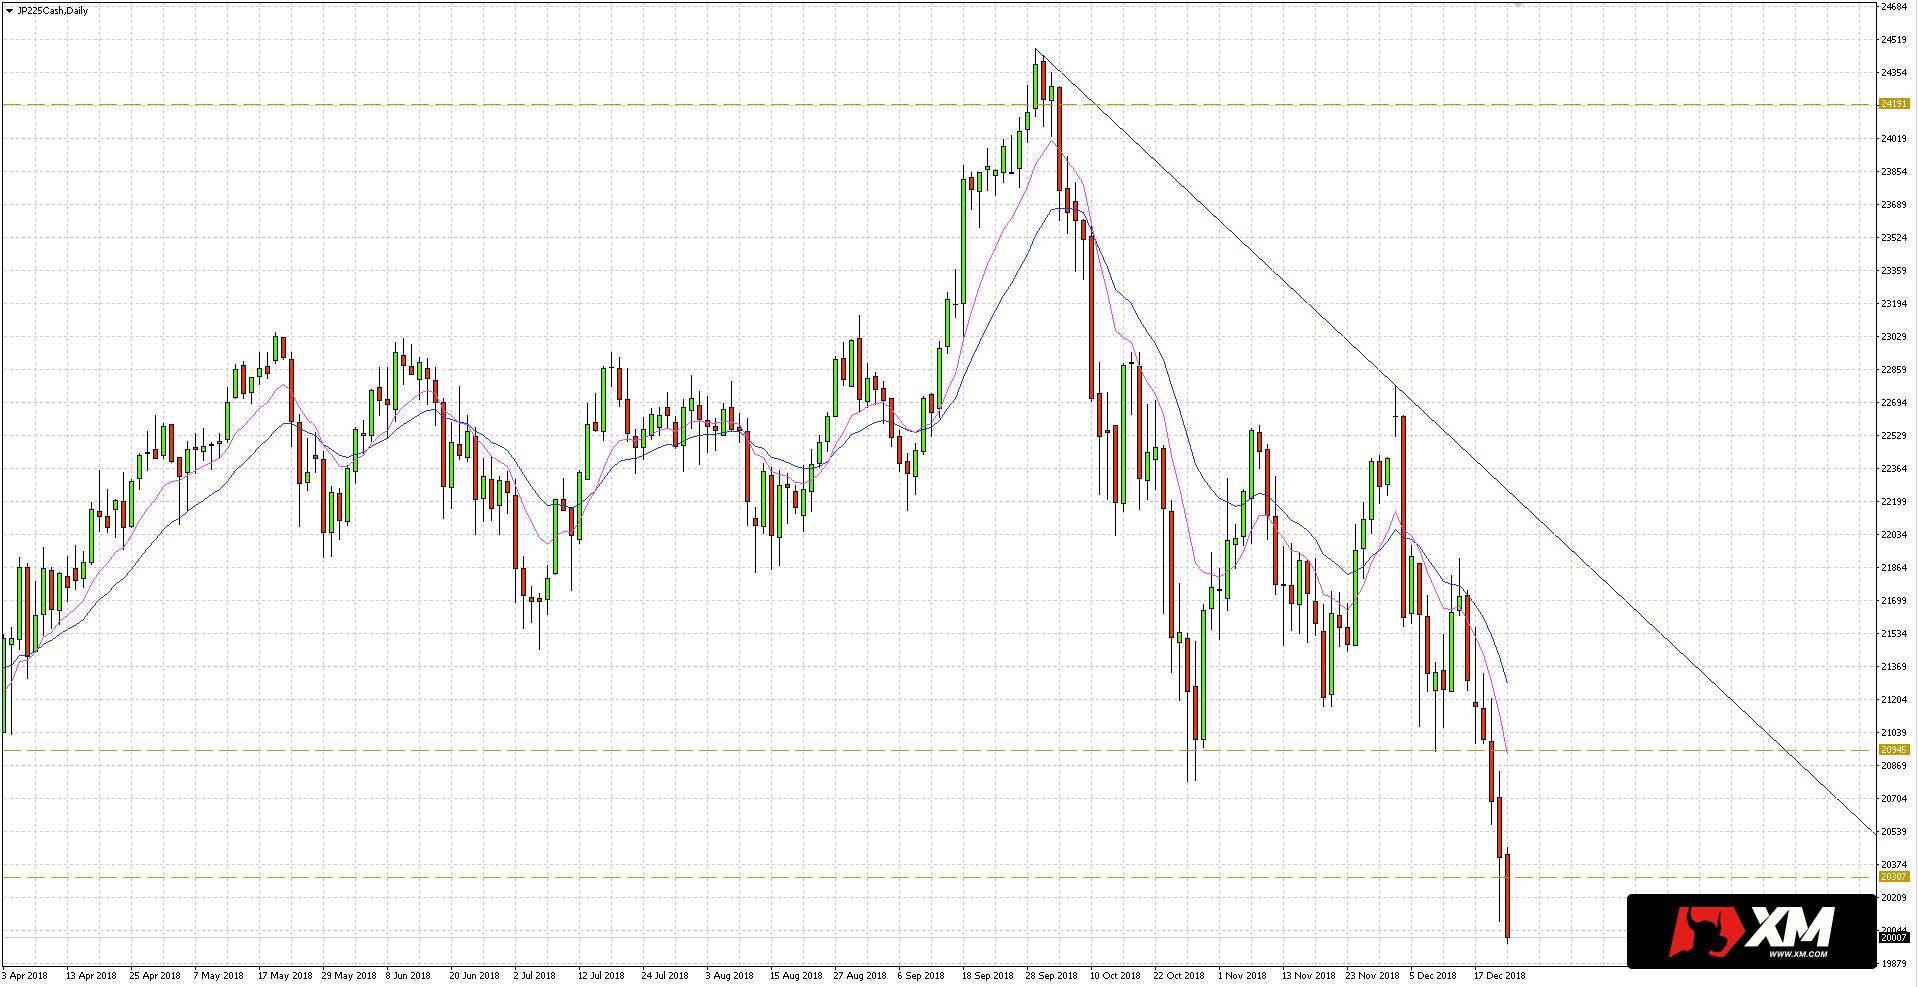 traderzy mogą również obserwować dynamiczny opór w postaci kanału EMA 10/20